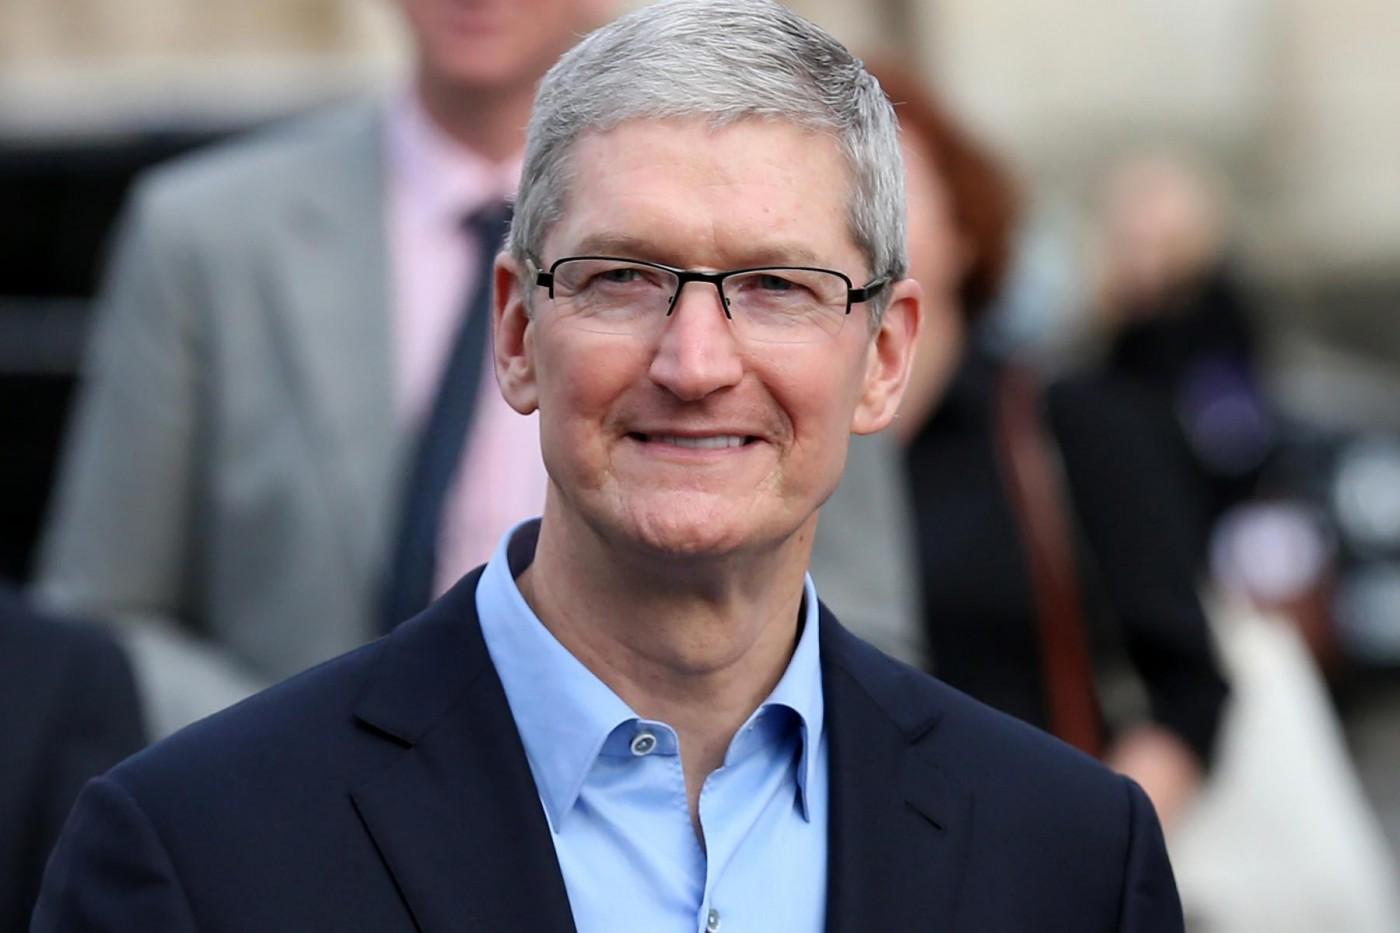 科技業捍衛隱私第一人!蘋果庫克呼籲美國效法GDPR政策